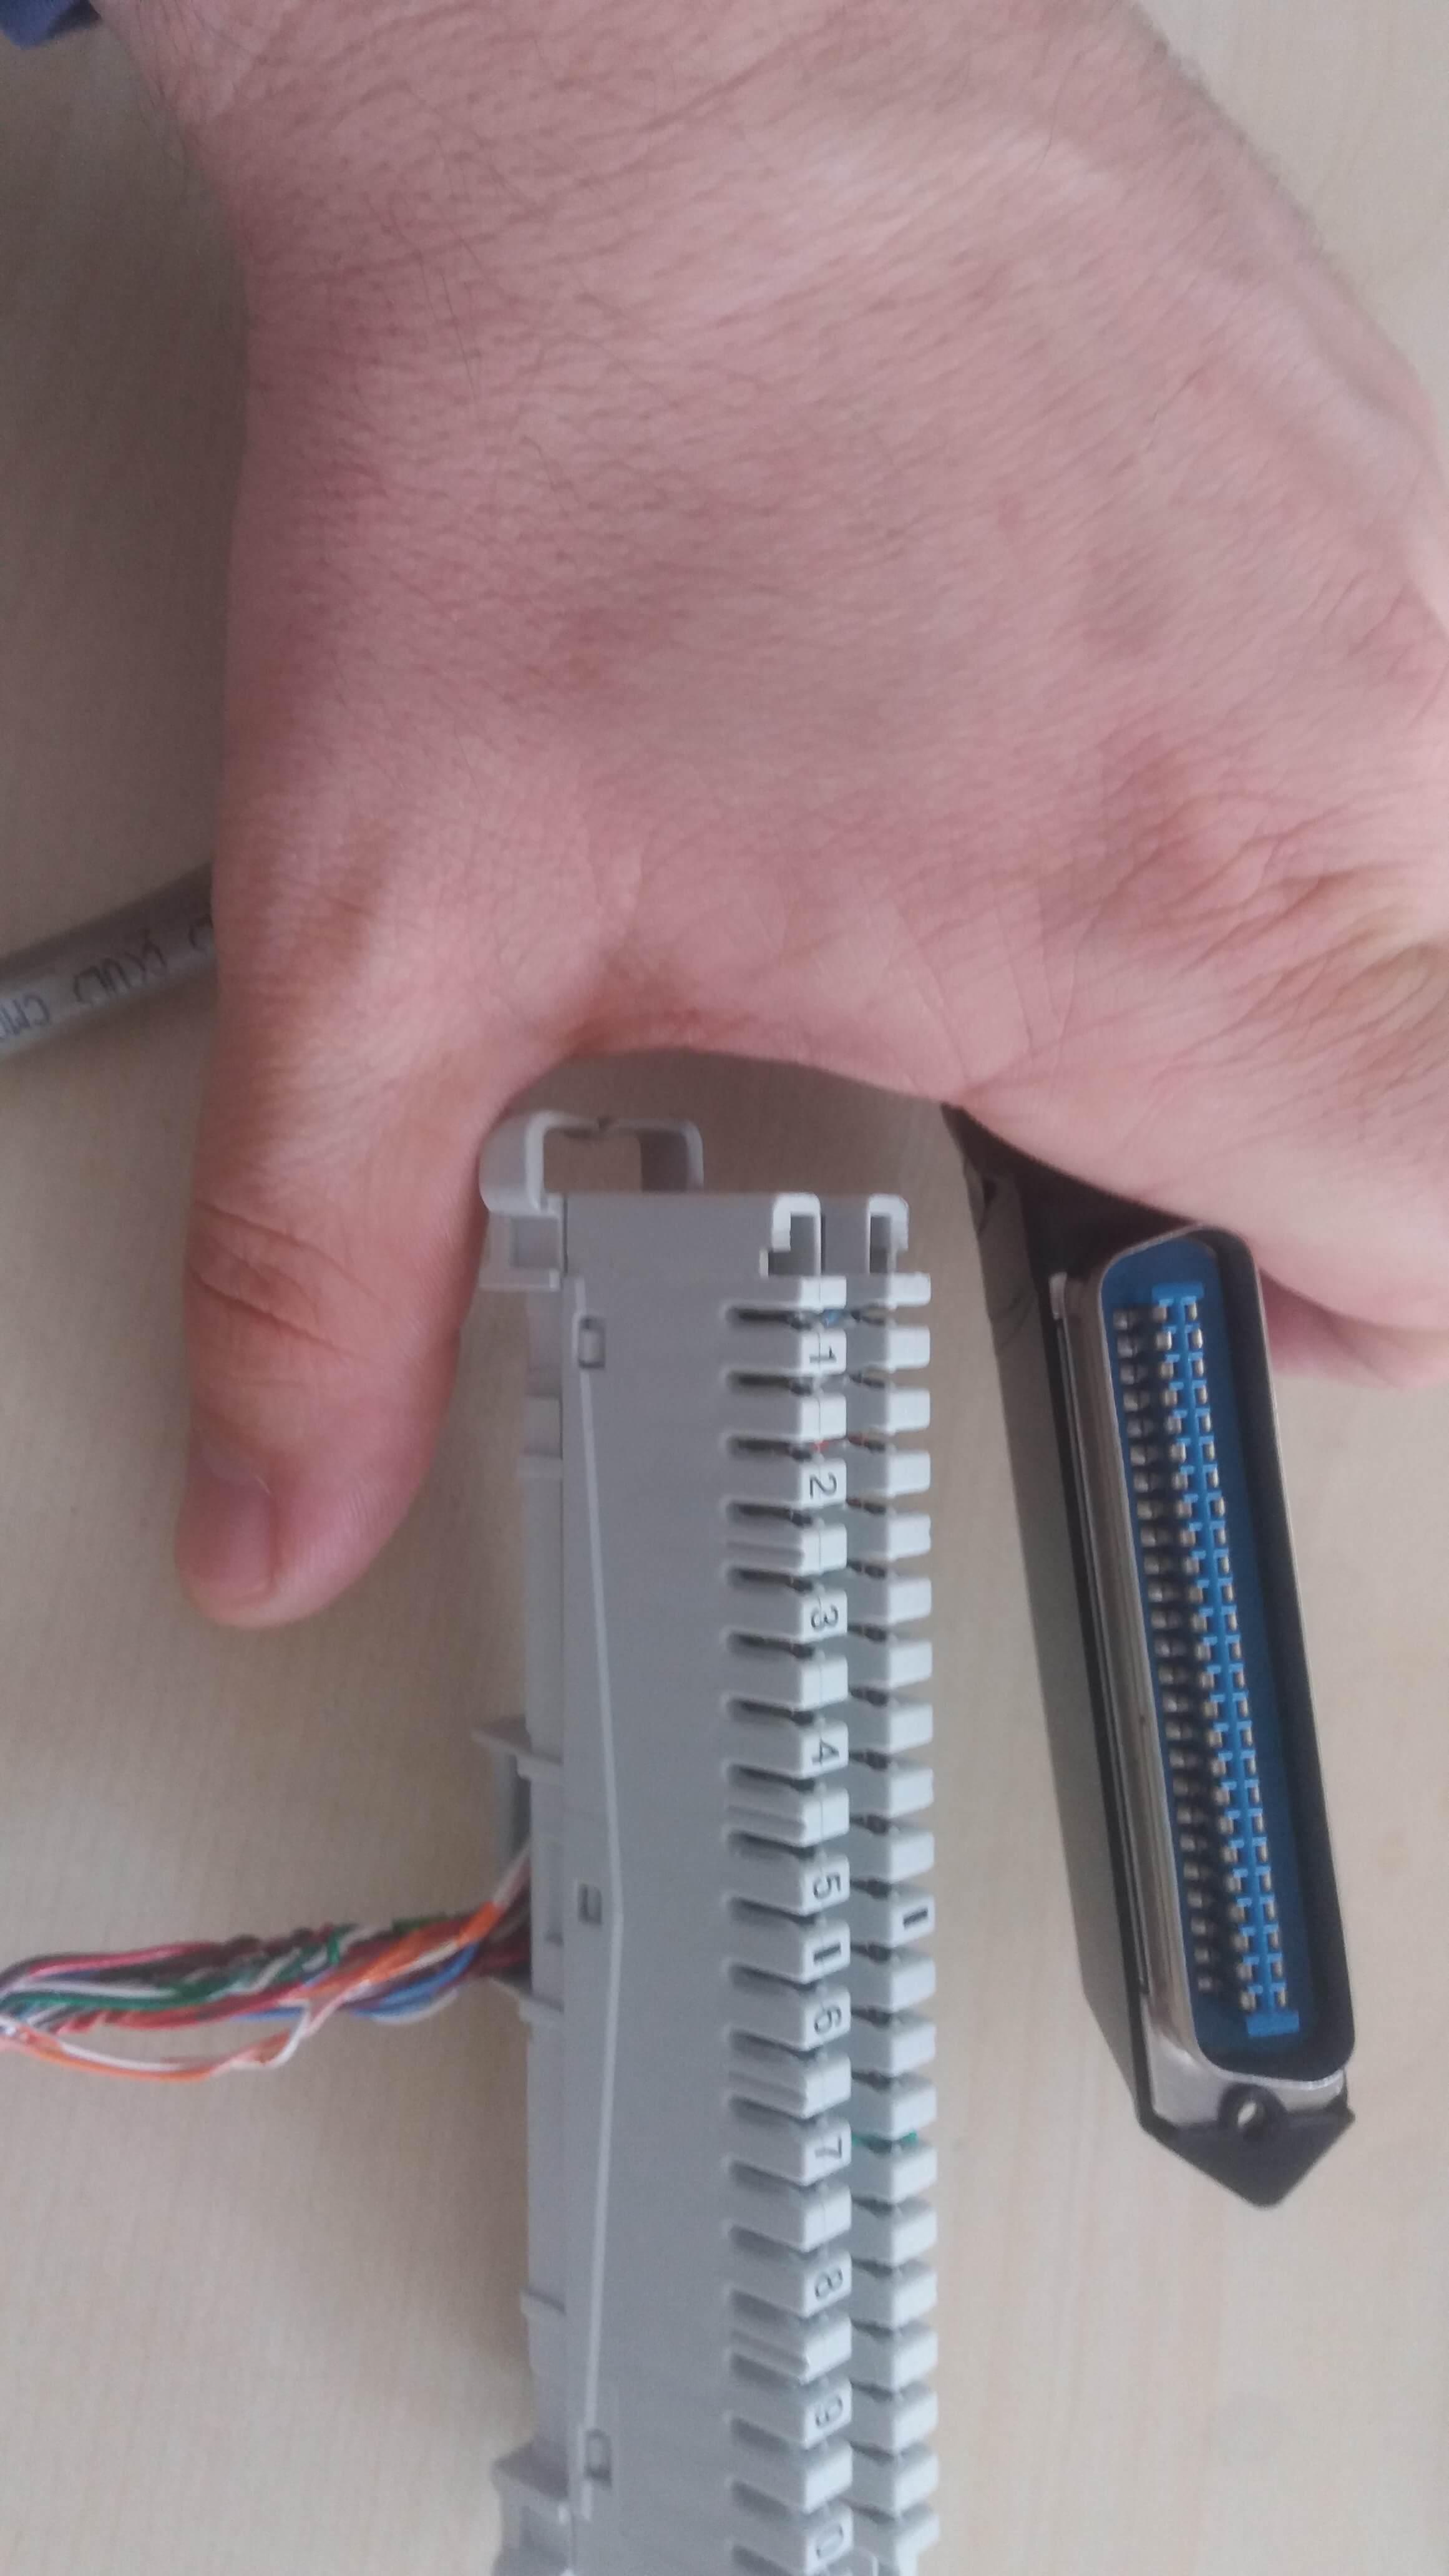 Cisco evm-hd-8fxsdid cable